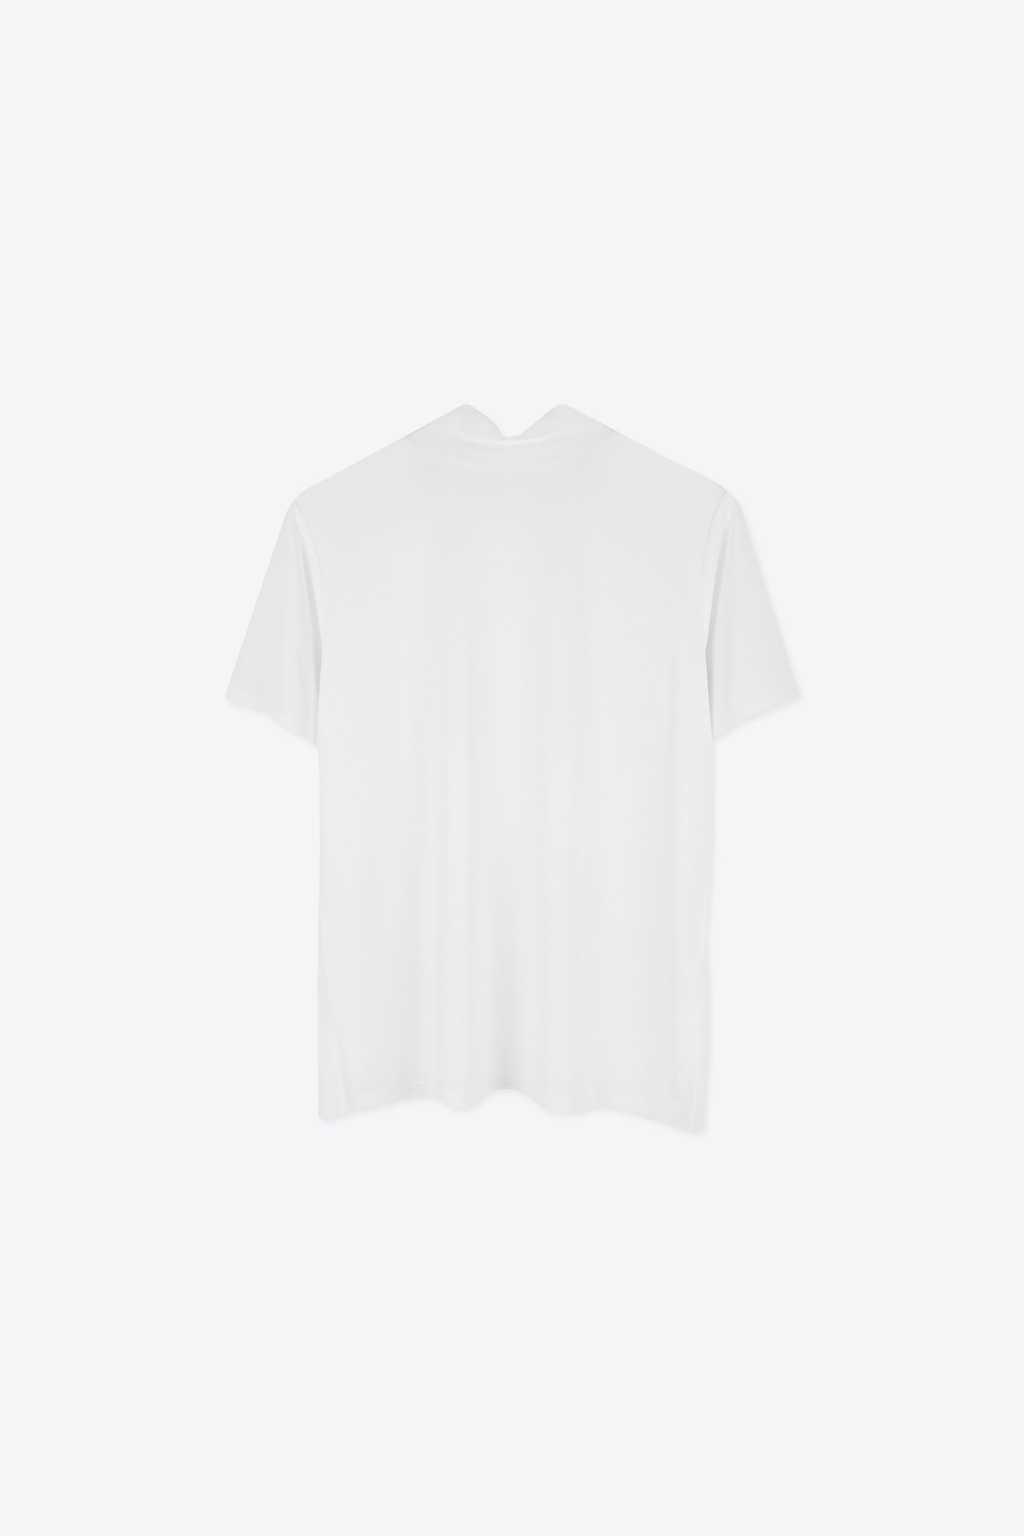 TShirt 1370 White 7